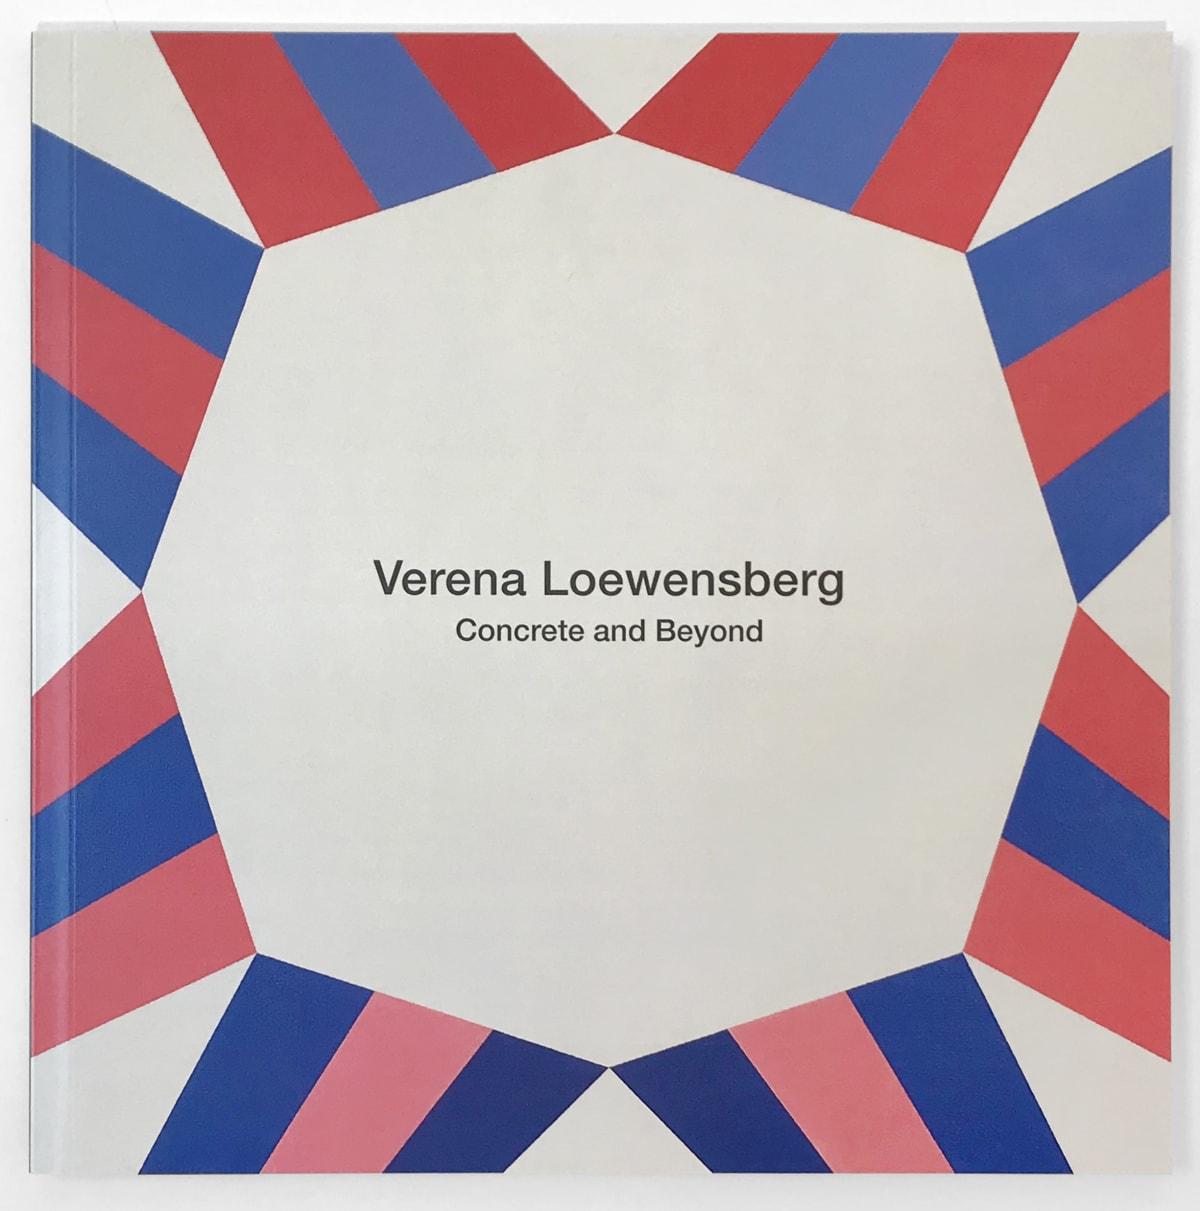 VERENA LOEWENSBERG